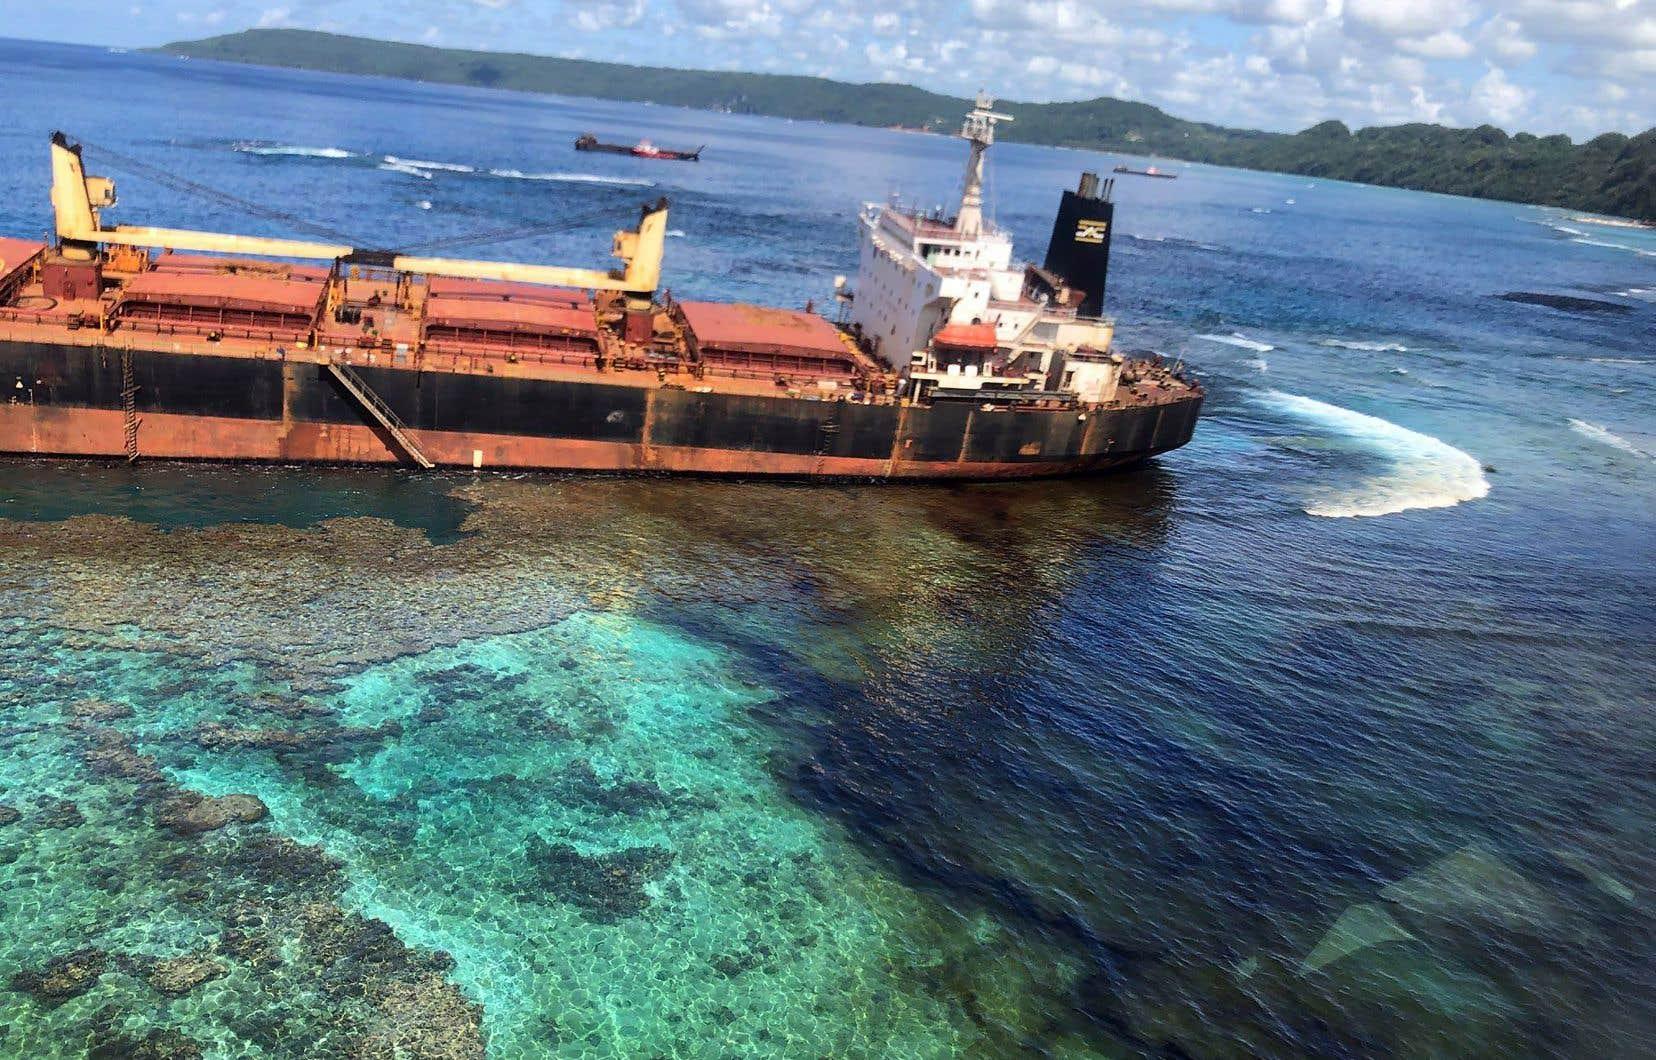 Le 4 février 2019, le vraquier «MV Solomon Trader» s'est échoué dans la région des Îles Salomon, dans le Pacifique.